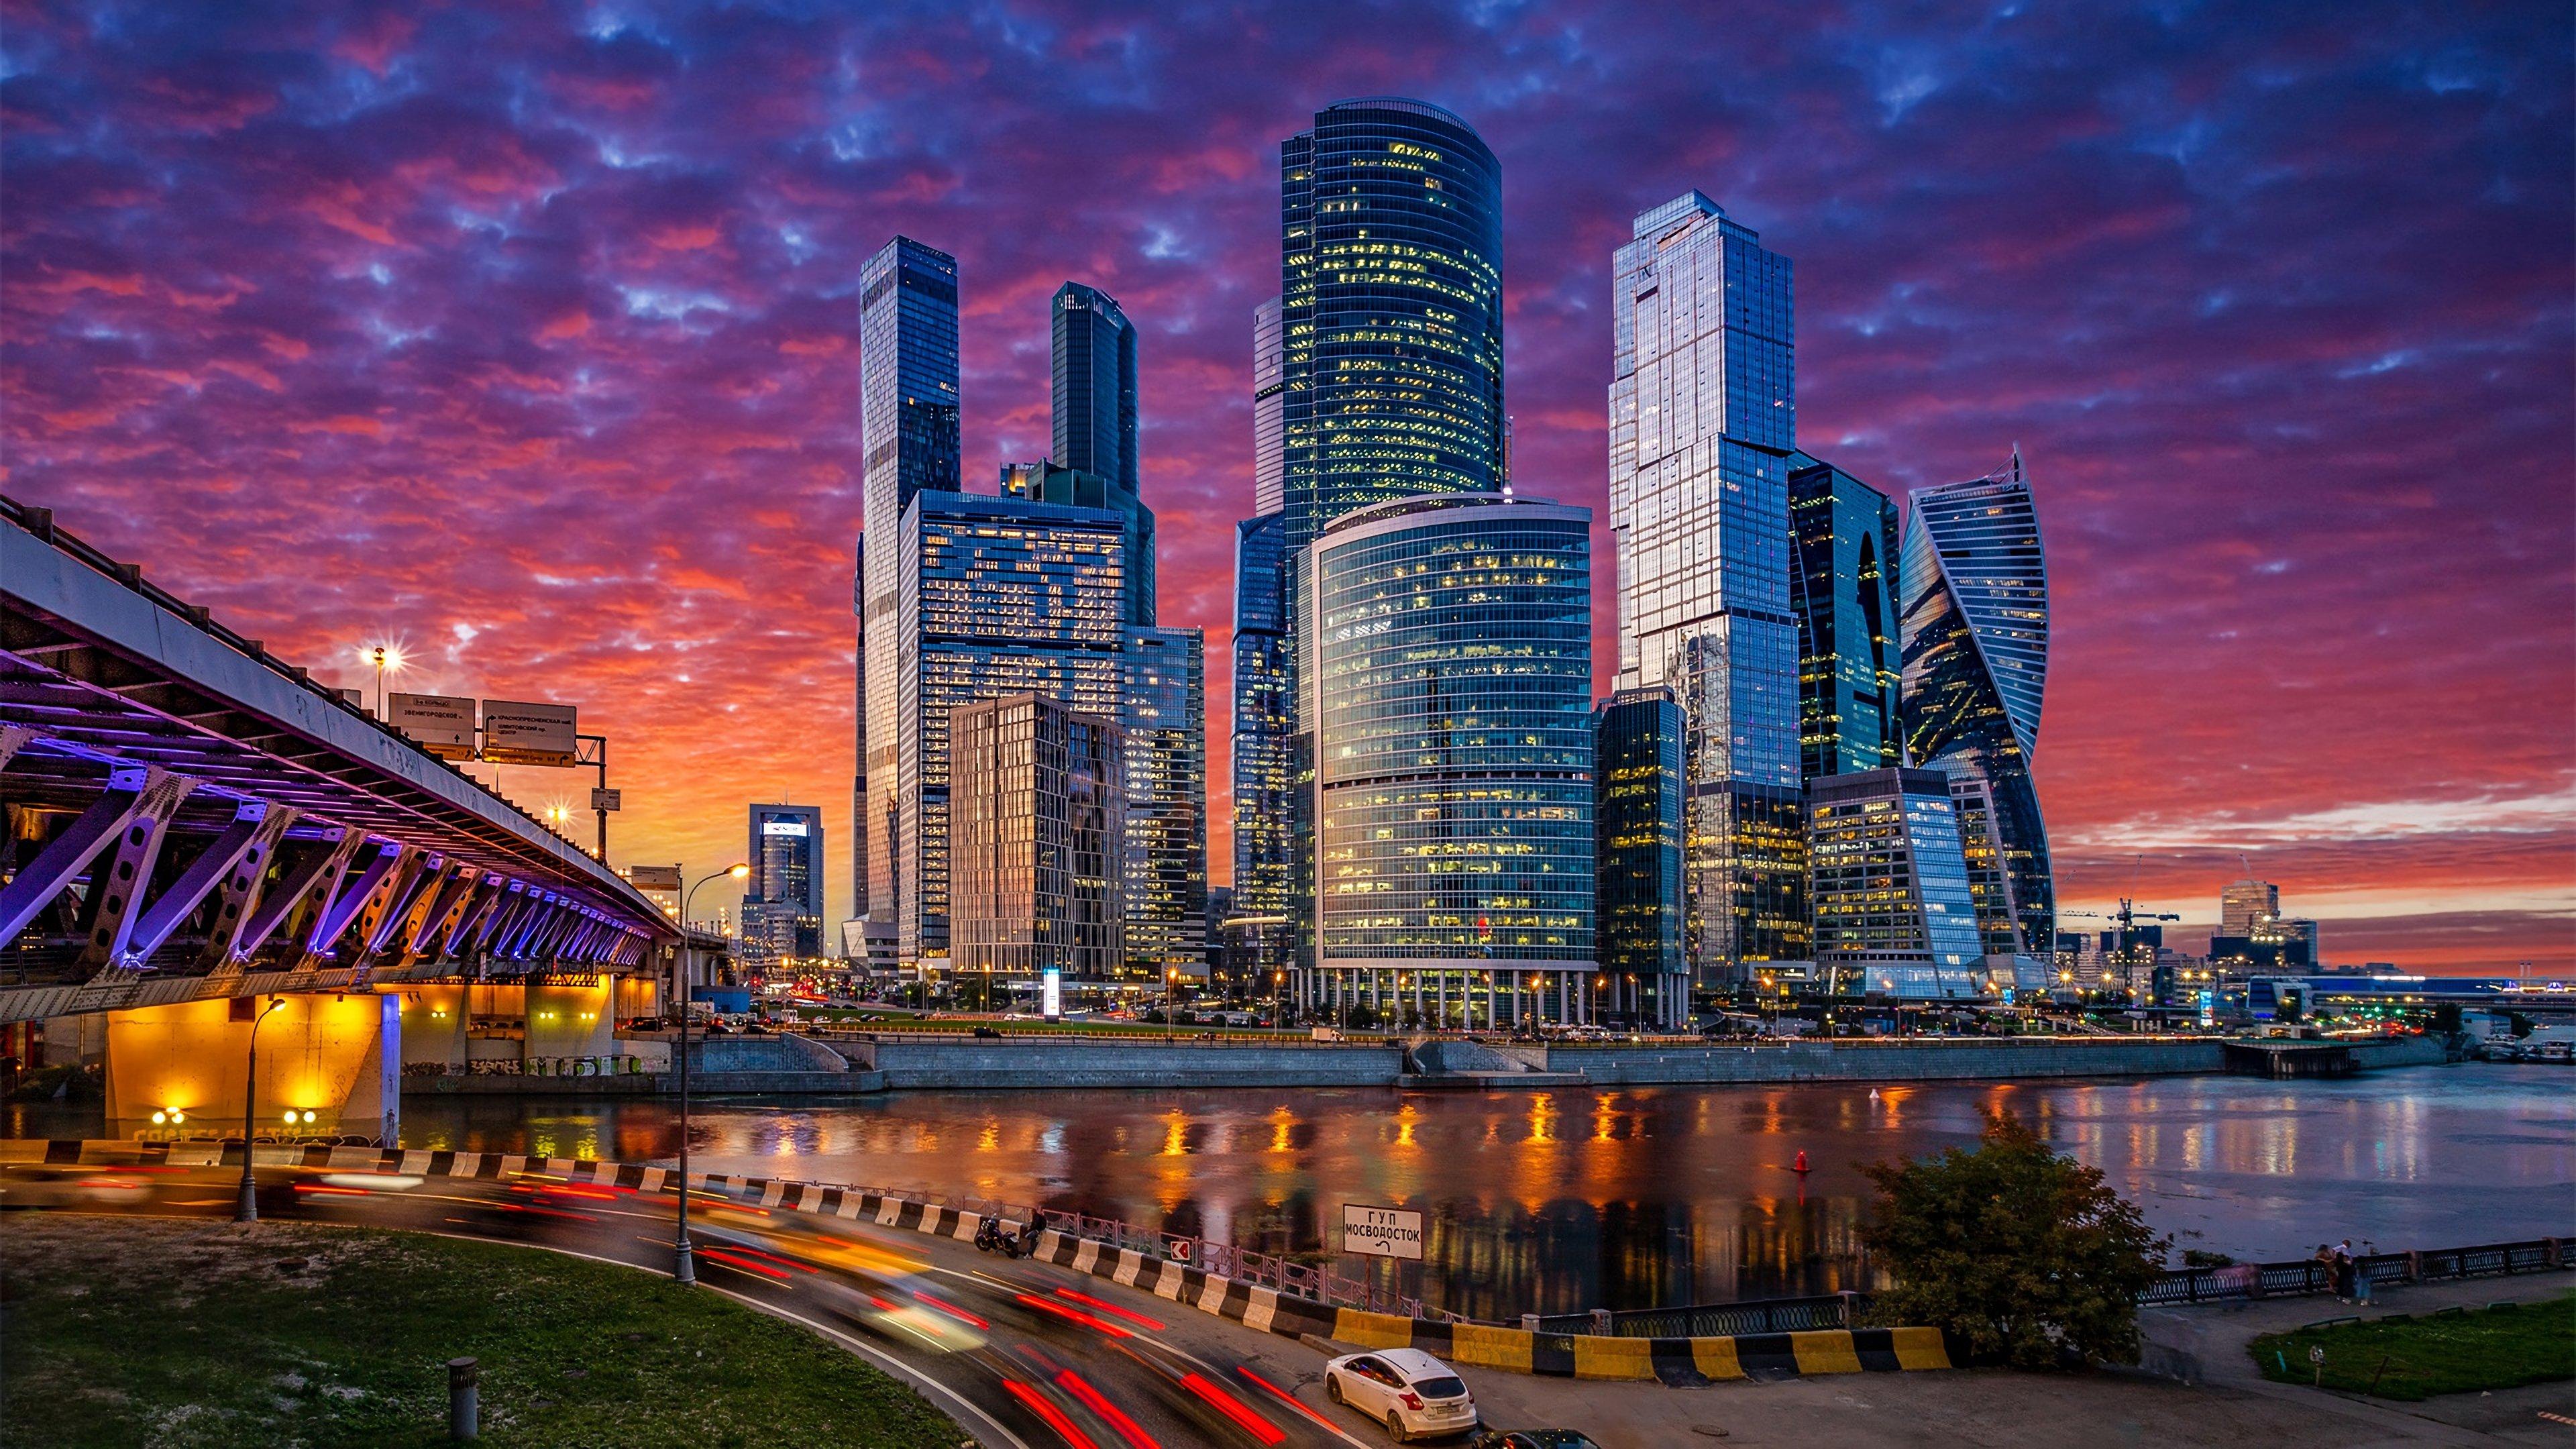 Fondos de pantalla Ciudad de Moscú Rusia